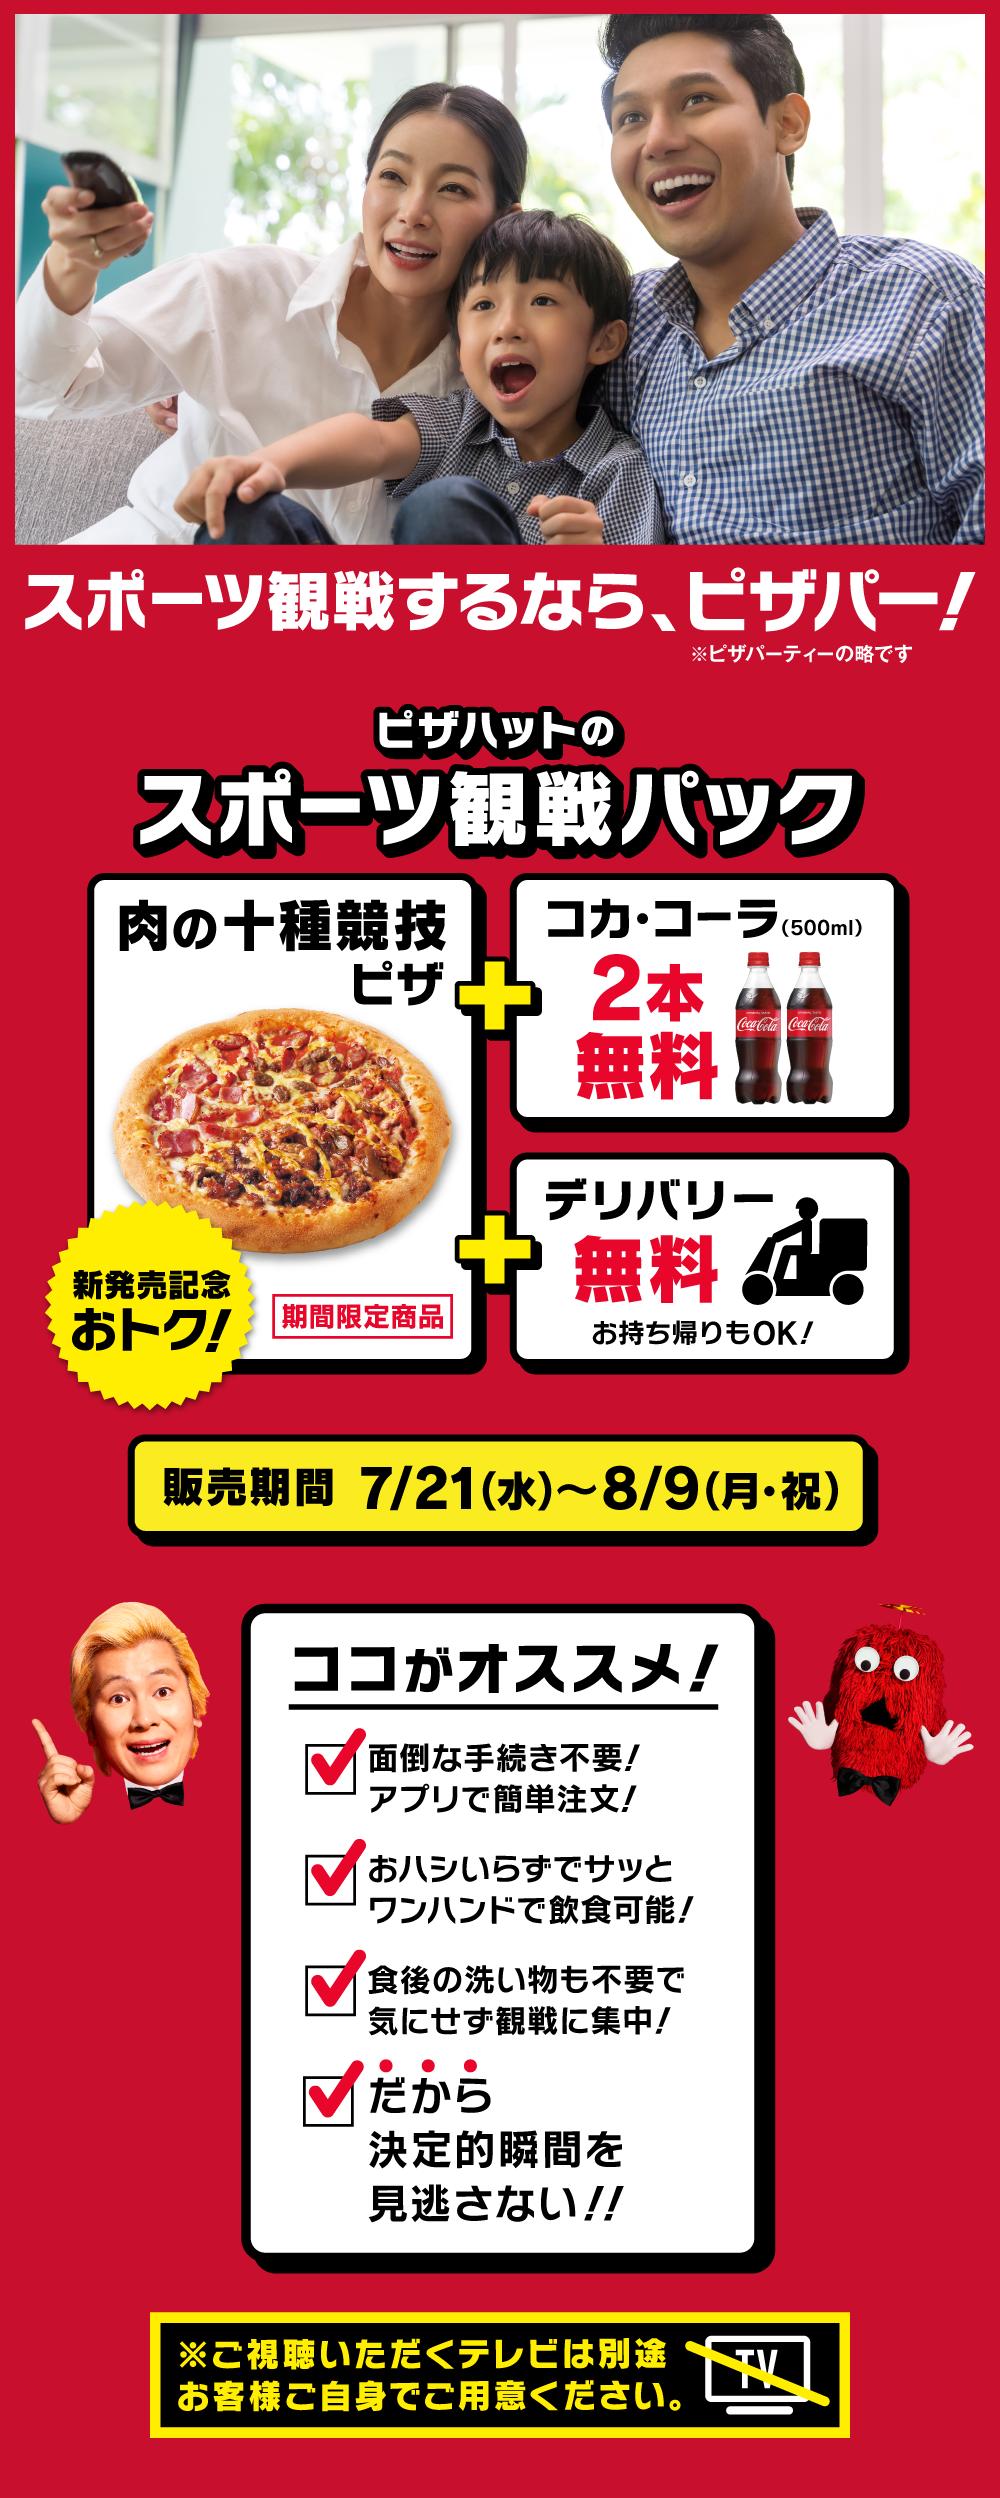 スポーツ観戦するならピザパー! 新登場の「肉の十種競技ピザ」に「コカ・コーラ」がセットになった、ピザハットの「スポーツ観戦パック」期間限定販売。